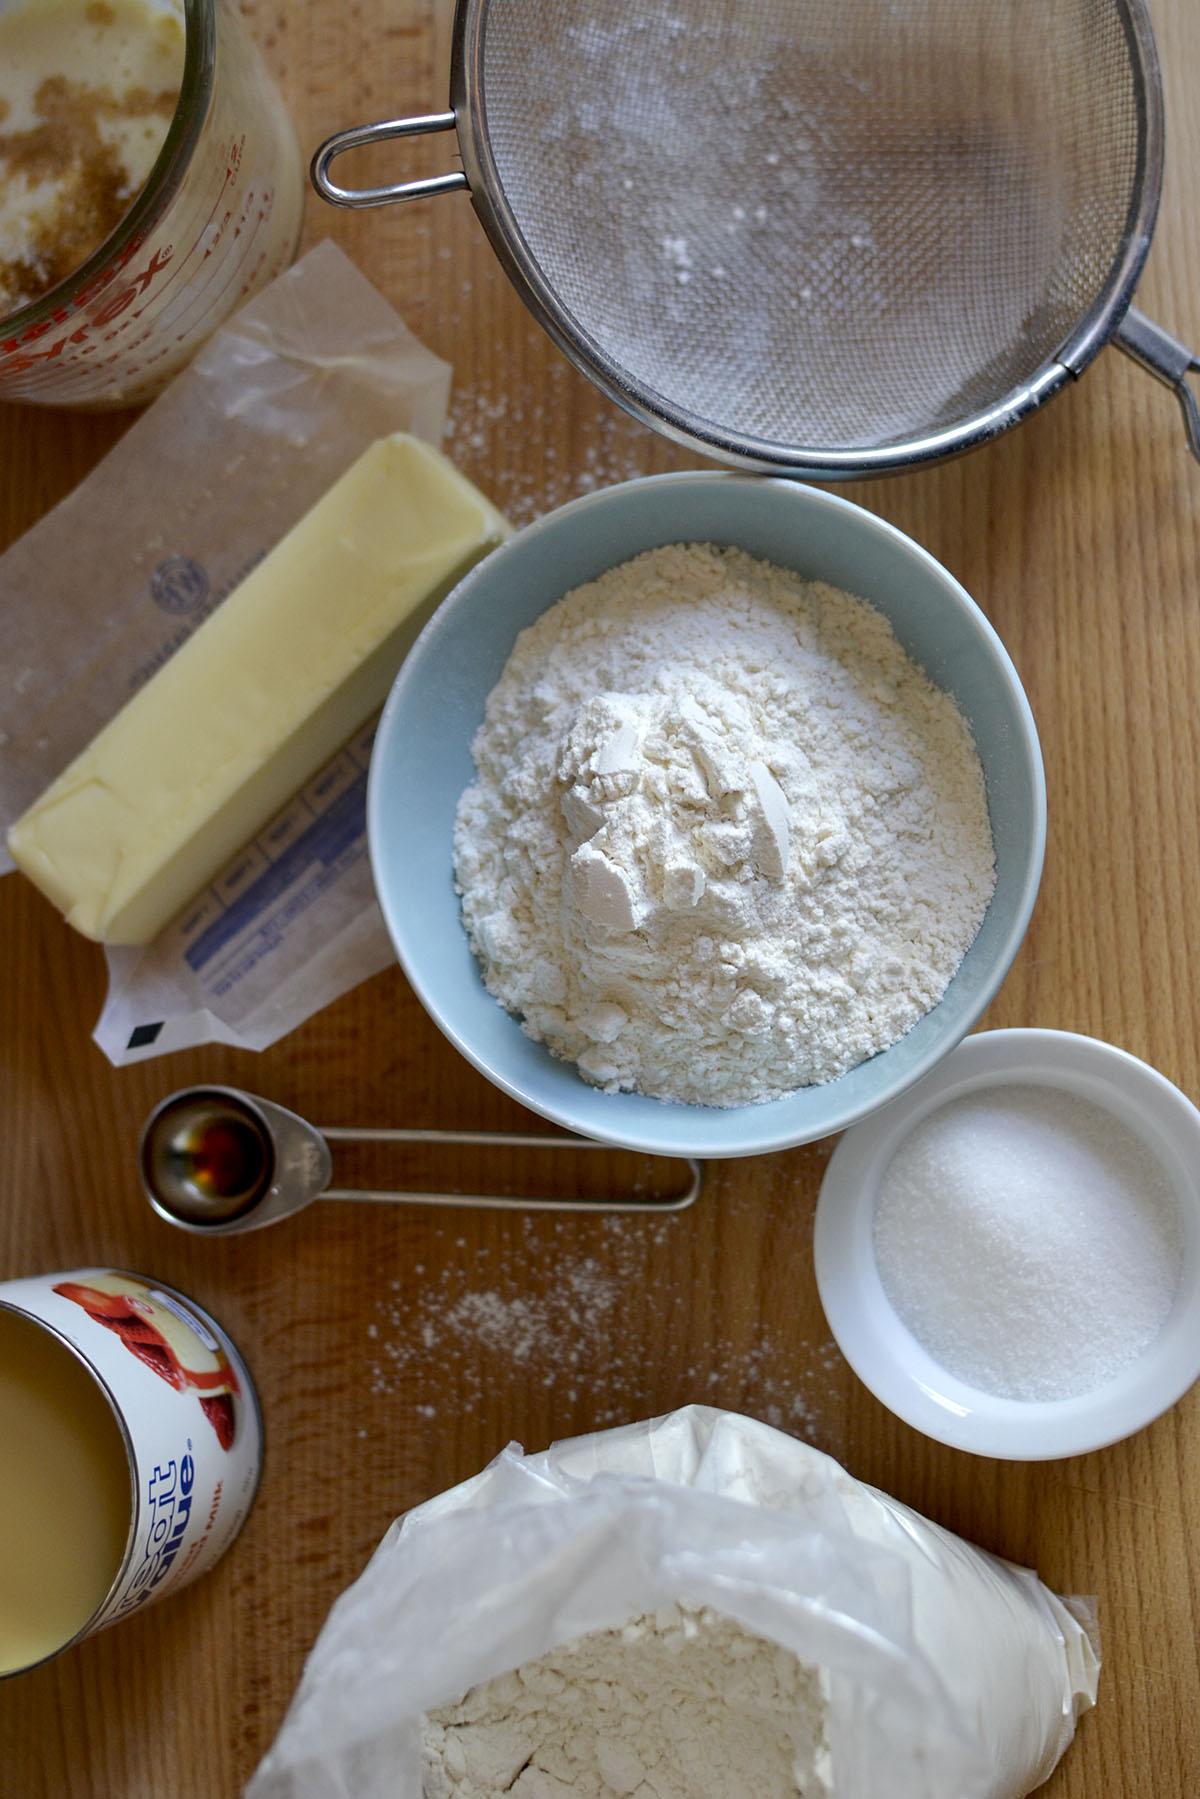 Ingredients needed - flour, butter, condensed milk, vanilla, milk, salt